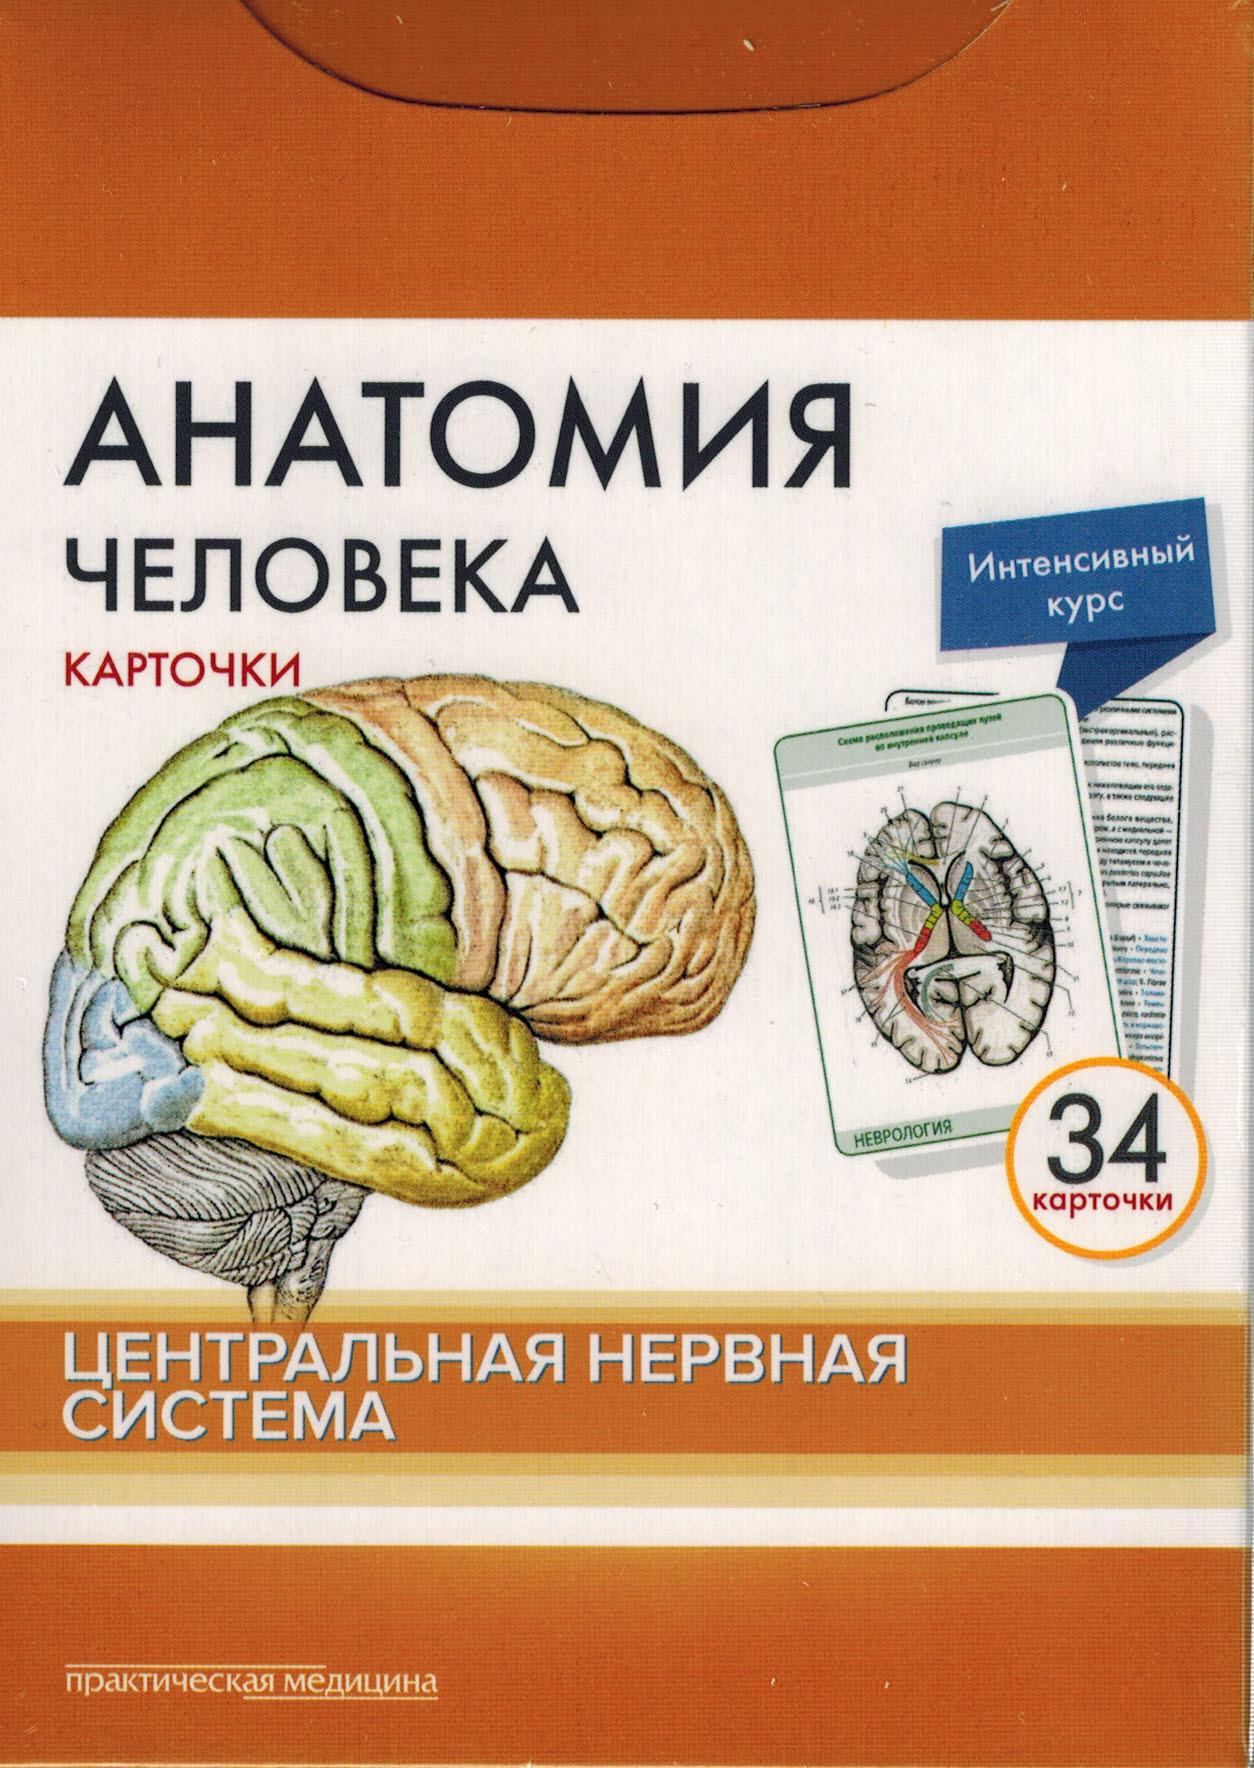 Каталог Анатомия человека: КАРТОЧКИ (34 шт). Центральная нервная система kart.jpg